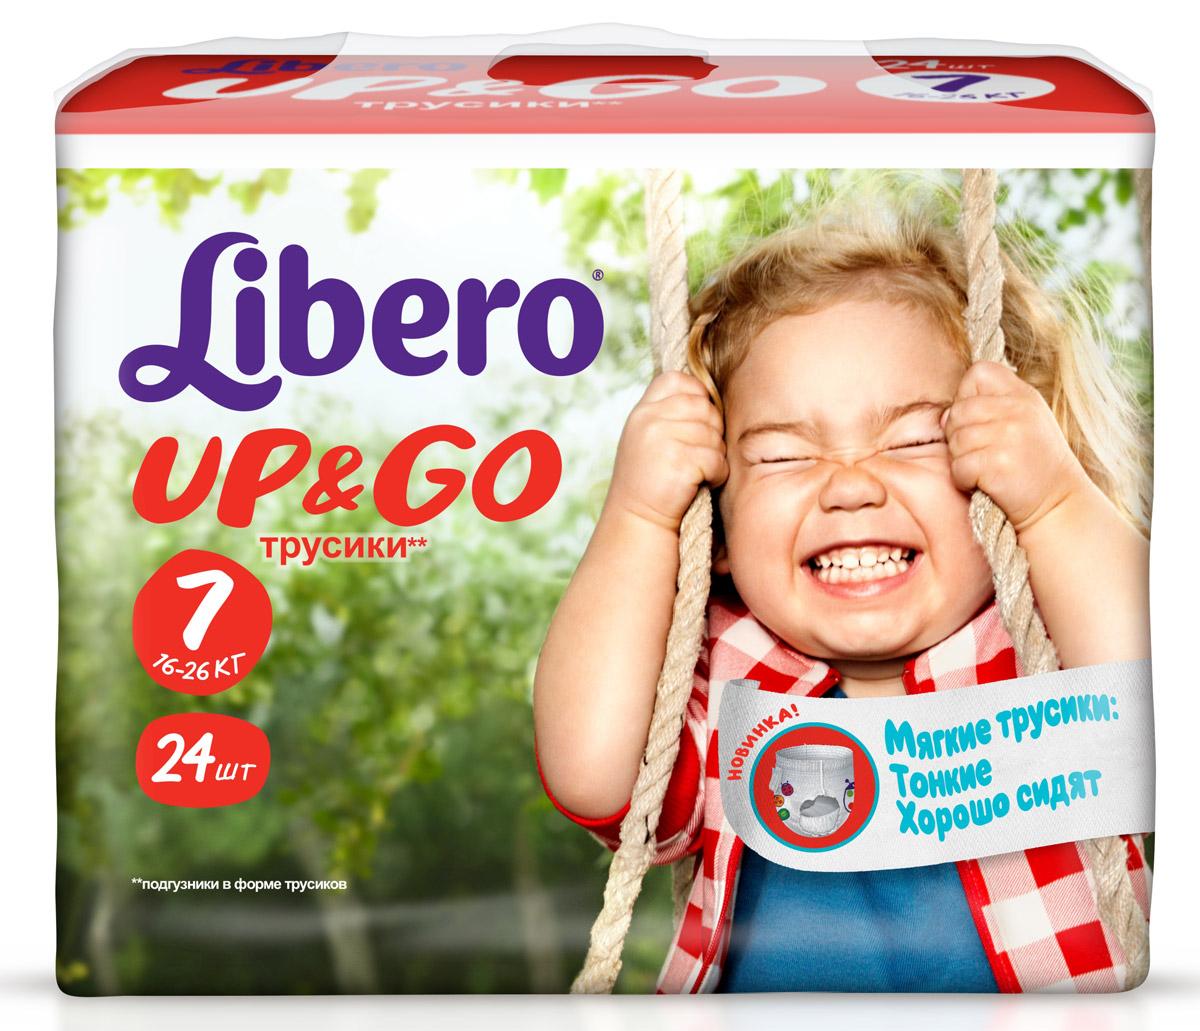 Libero Подгузники-трусики Up&Go (16-26 кг) 24 шт5585Подгузники трусики Либеро Ап Энд Гоу Экстра Лардж Плюс 16/26 кг (24 штуки) Супер мягкие и тонкие трусики! Они созданы специально для активных малышей: Легко одевать как обычные трусики Мягкий эластичный поясок из дышащего материала Хорошо впитывают, как обычные подгузники Легко снимаются при разрывании боковых швов Сидят как детские трусики и дарят комфорт в движении Клеящая лента позволяет с легкостью свернуть подгузник после использования Смена подгузника не будет скучной с Libero Up&Go, ведь в каждой упаковке вы найдете 5 разных...